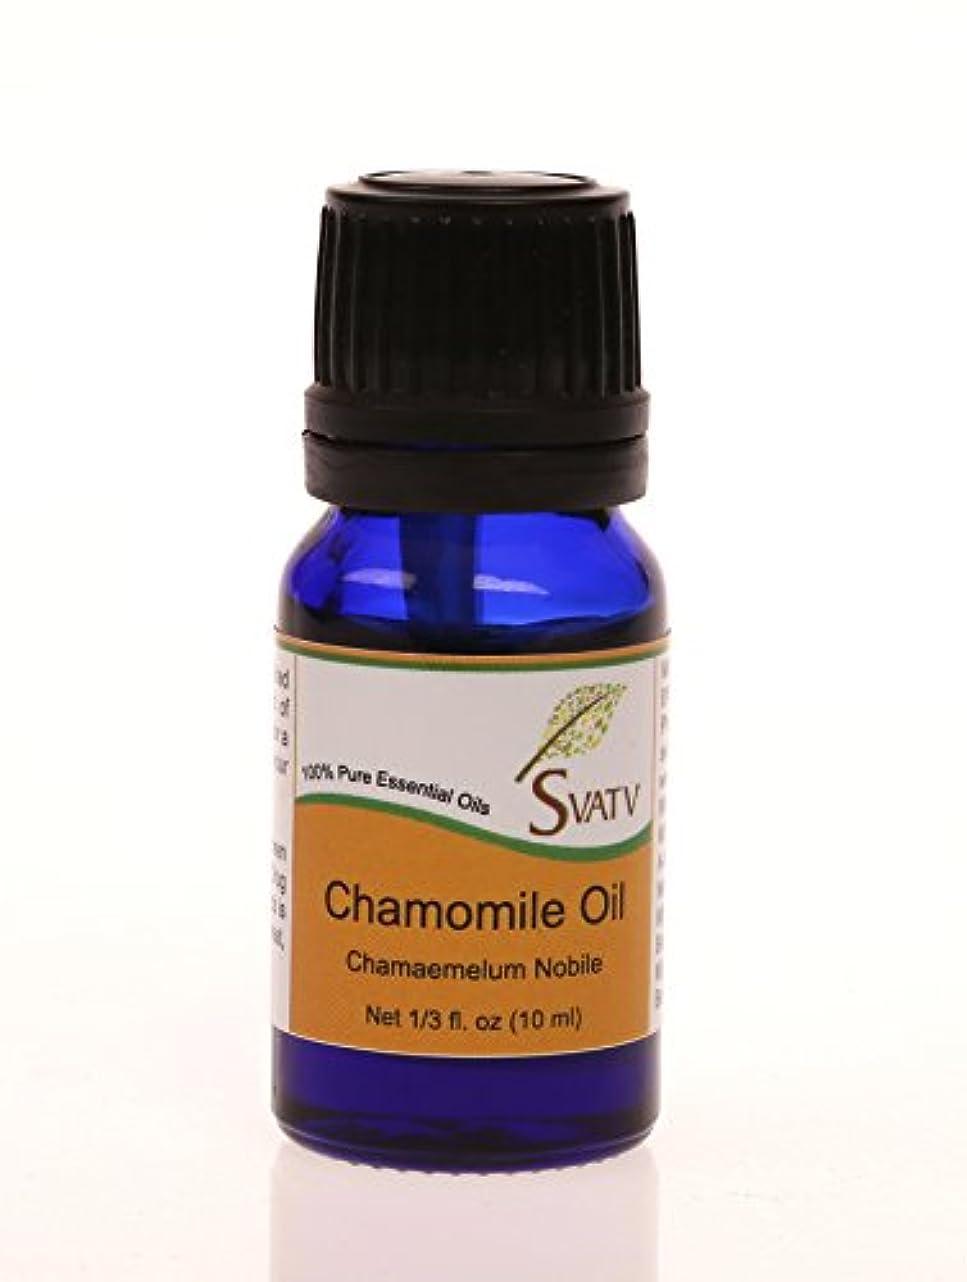 ナット機転配分SVATVカモミール(Chamaemelum nobile)エッセンシャルオイル10mL(1/3オンス)100%純粋で無希釈、治療グレード